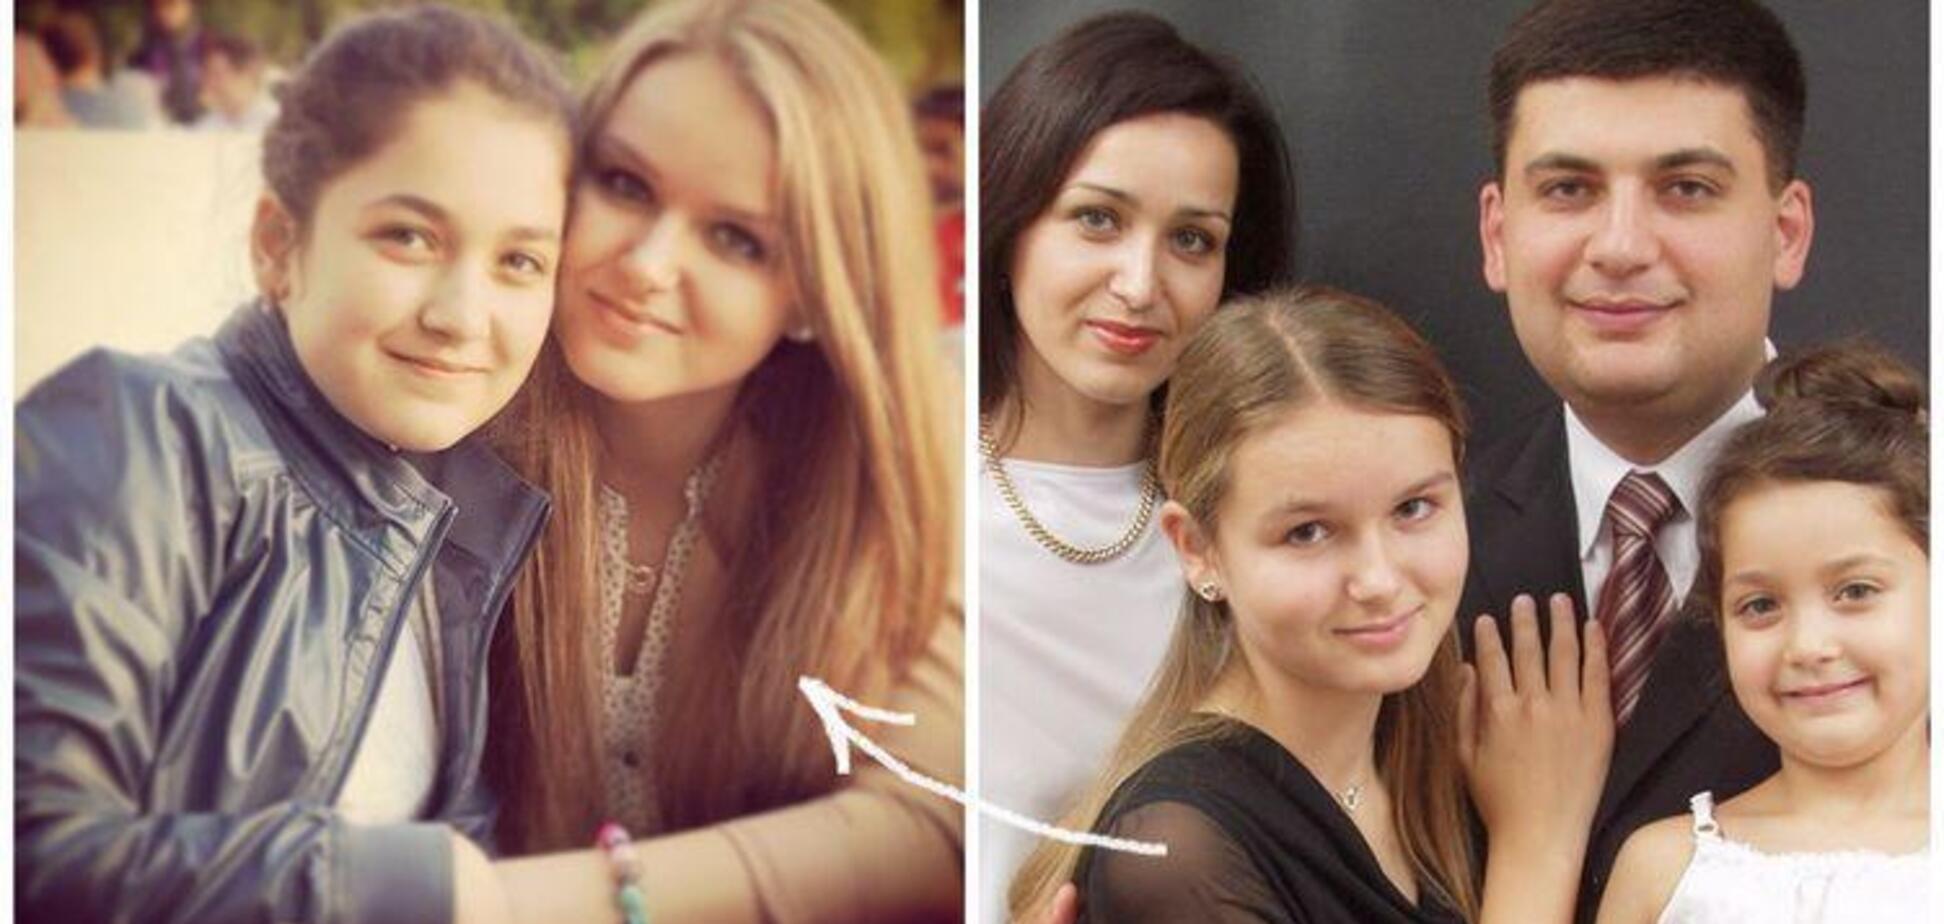 Дочь Ляшко и сын Авакова: как выглядят повзрослевшие дети украинских политиков